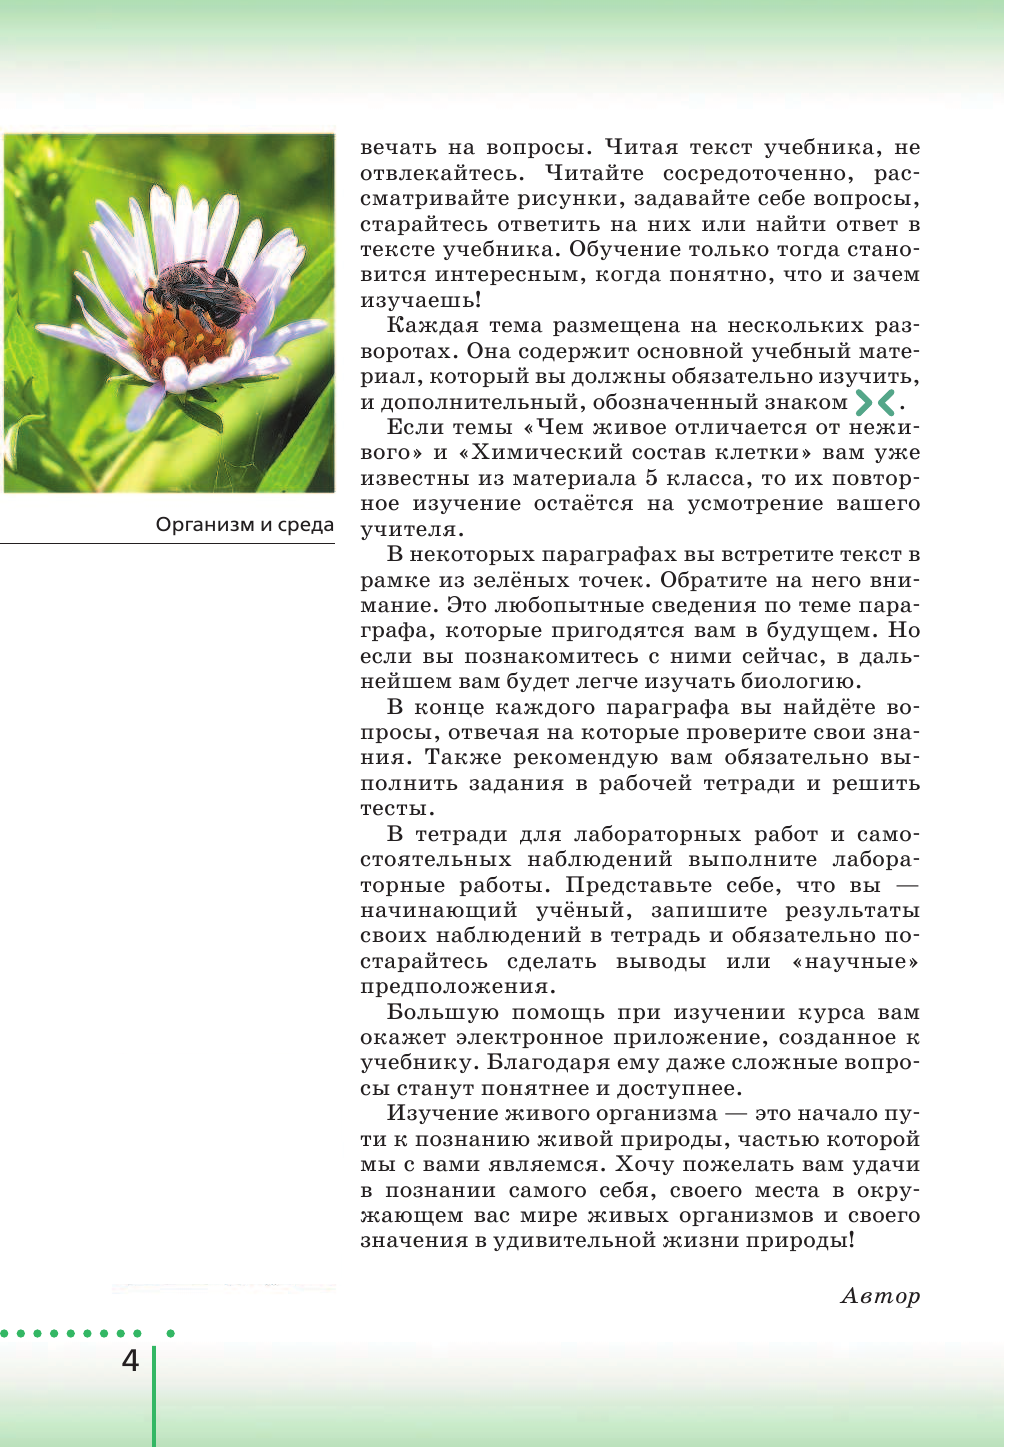 Учебник: сонин н.и биология живой организм 6 класс м.: дрофа 2018 гдз